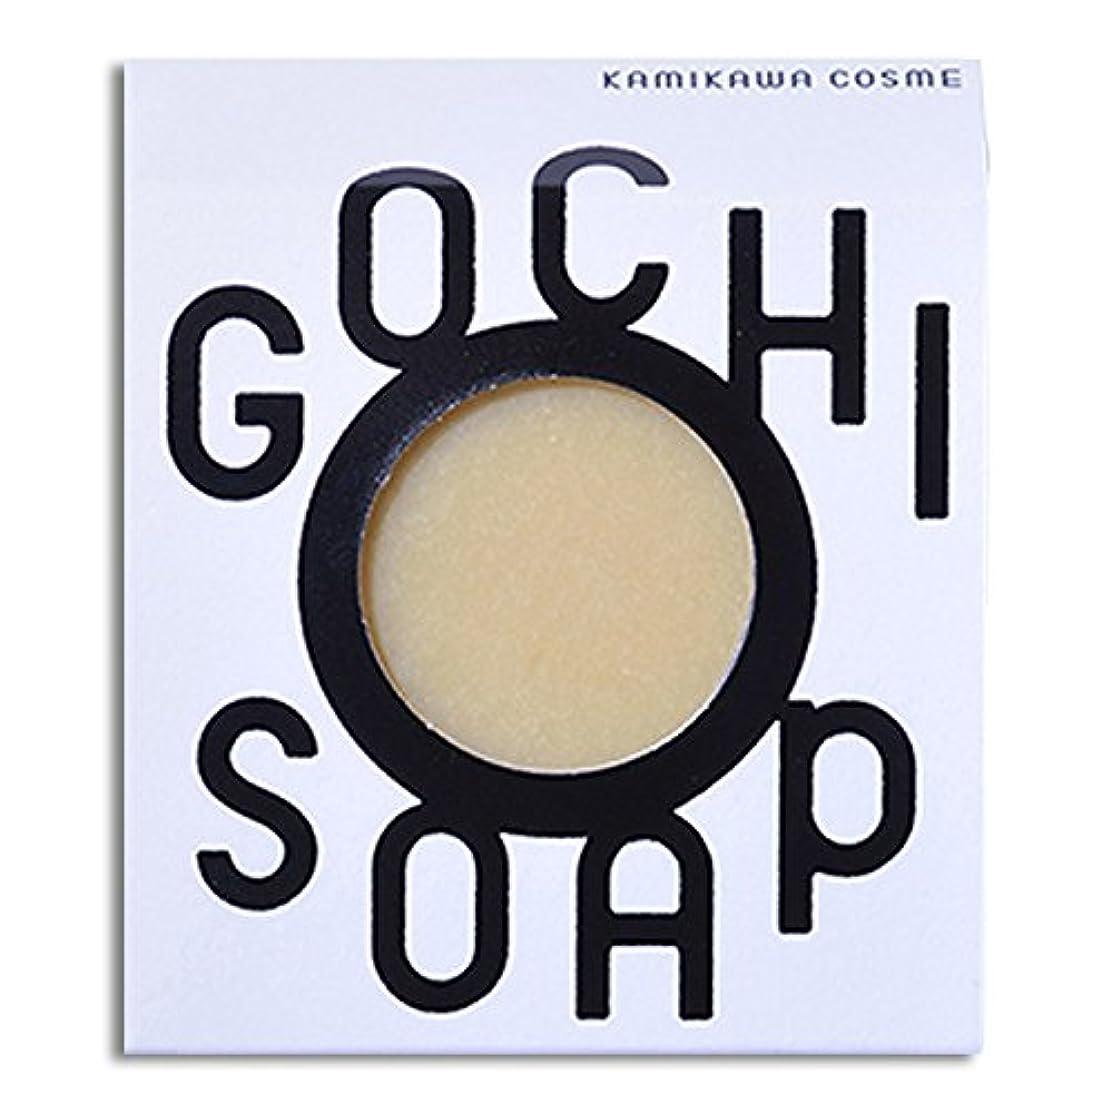 あさりリファイン匿名道北の素材を使用したコスメブランド GOCHI SOAP(山路養蜂園の蜂蜜ソープ?ふじくらますも果樹園のりんごソープ)各1個セット